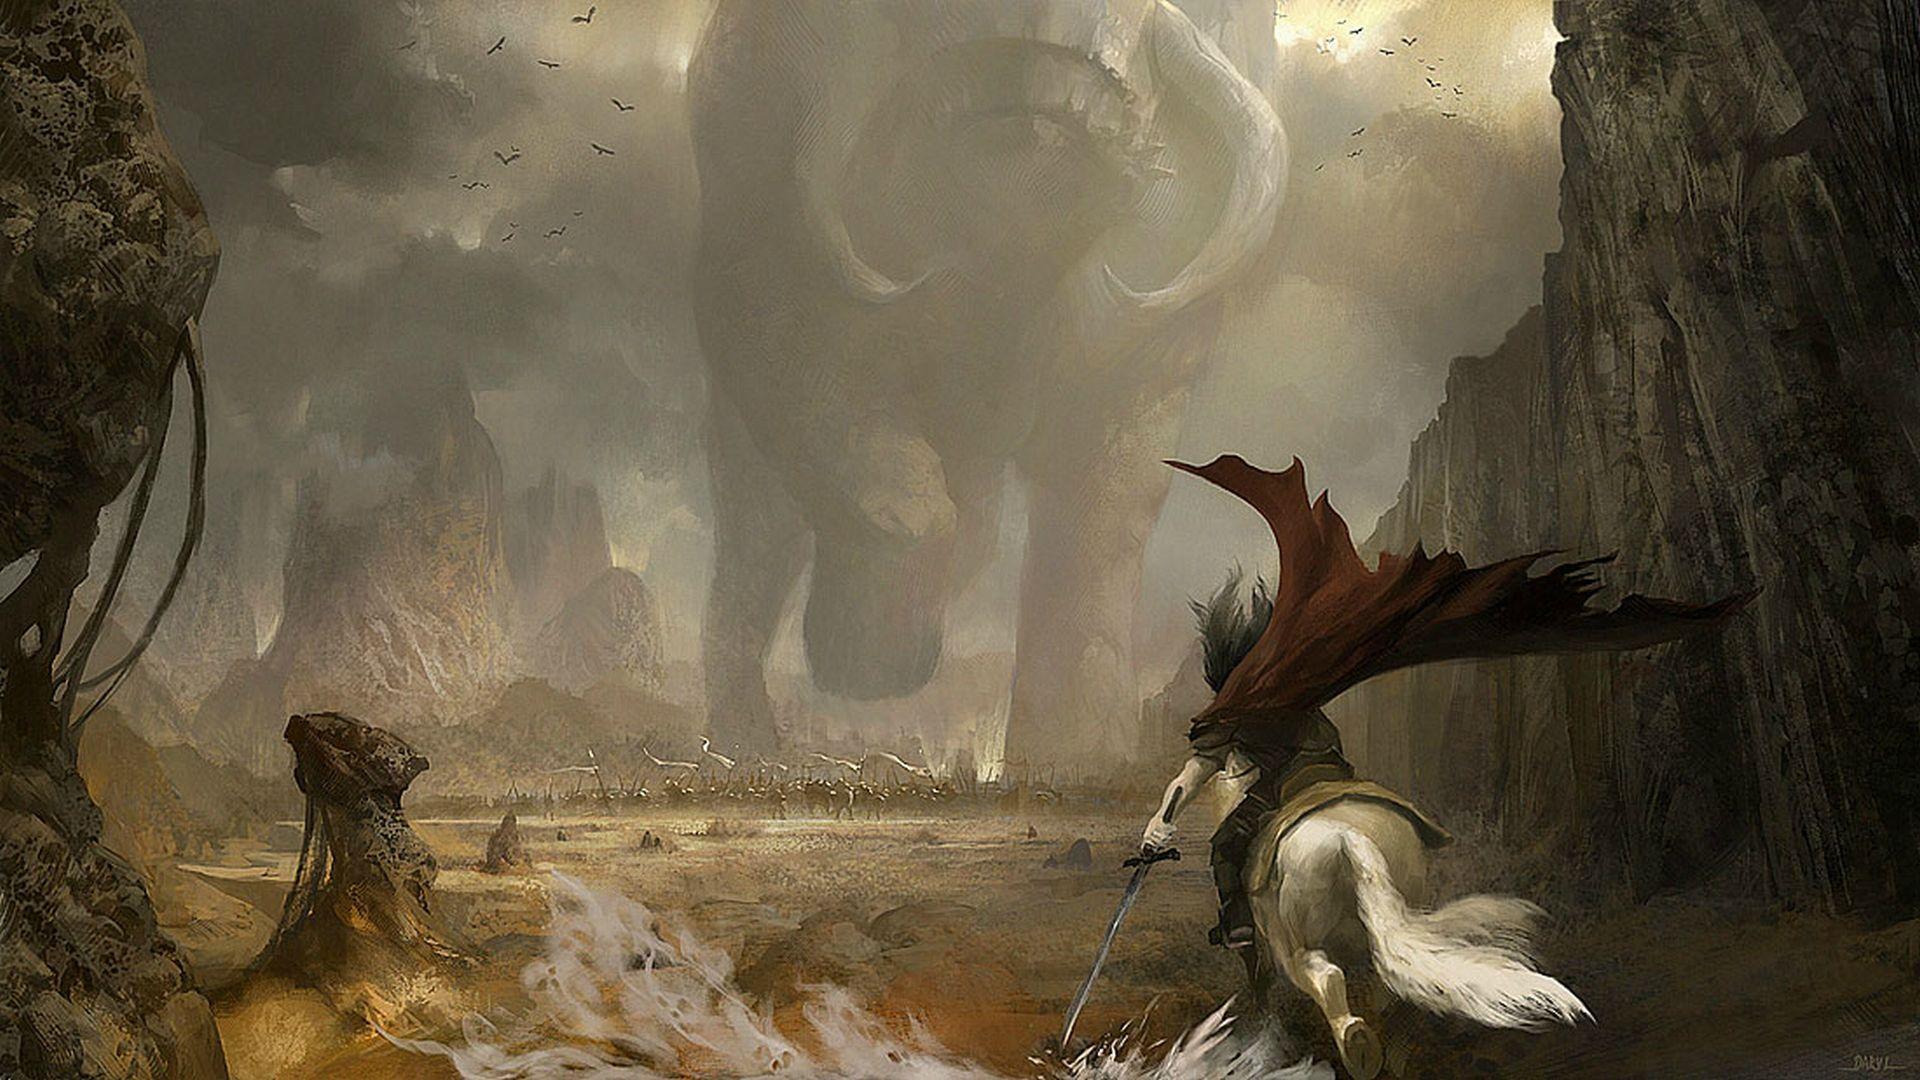 Giant Monster Wallpaper In 2019 Fantasy Art Fantasy